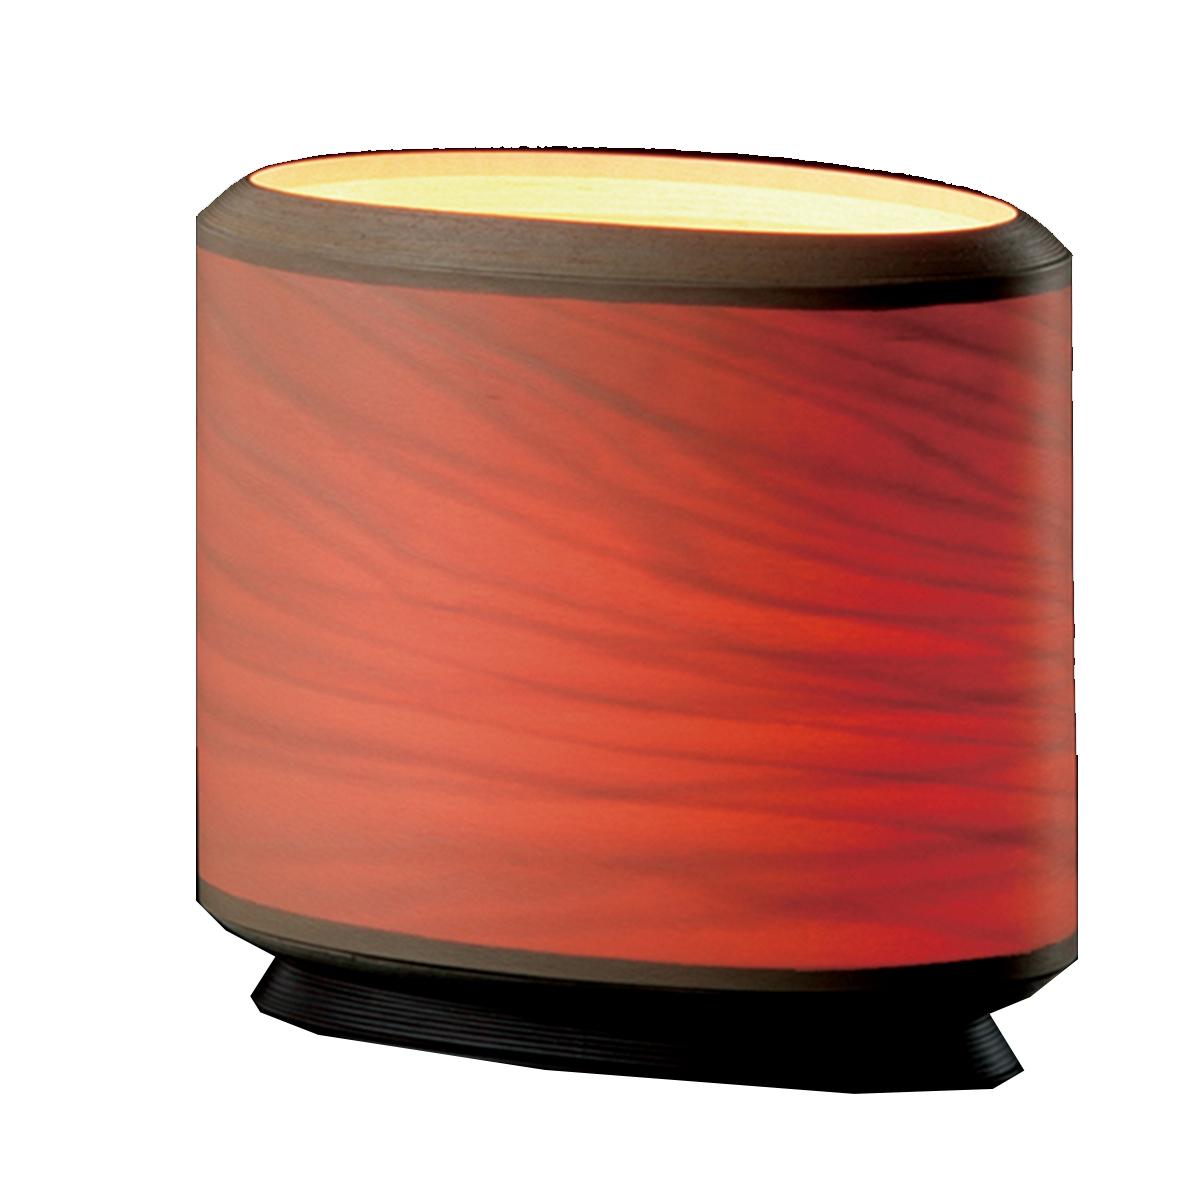 ブナコ TABLE LAMP BL-T653 /マルゲリータ